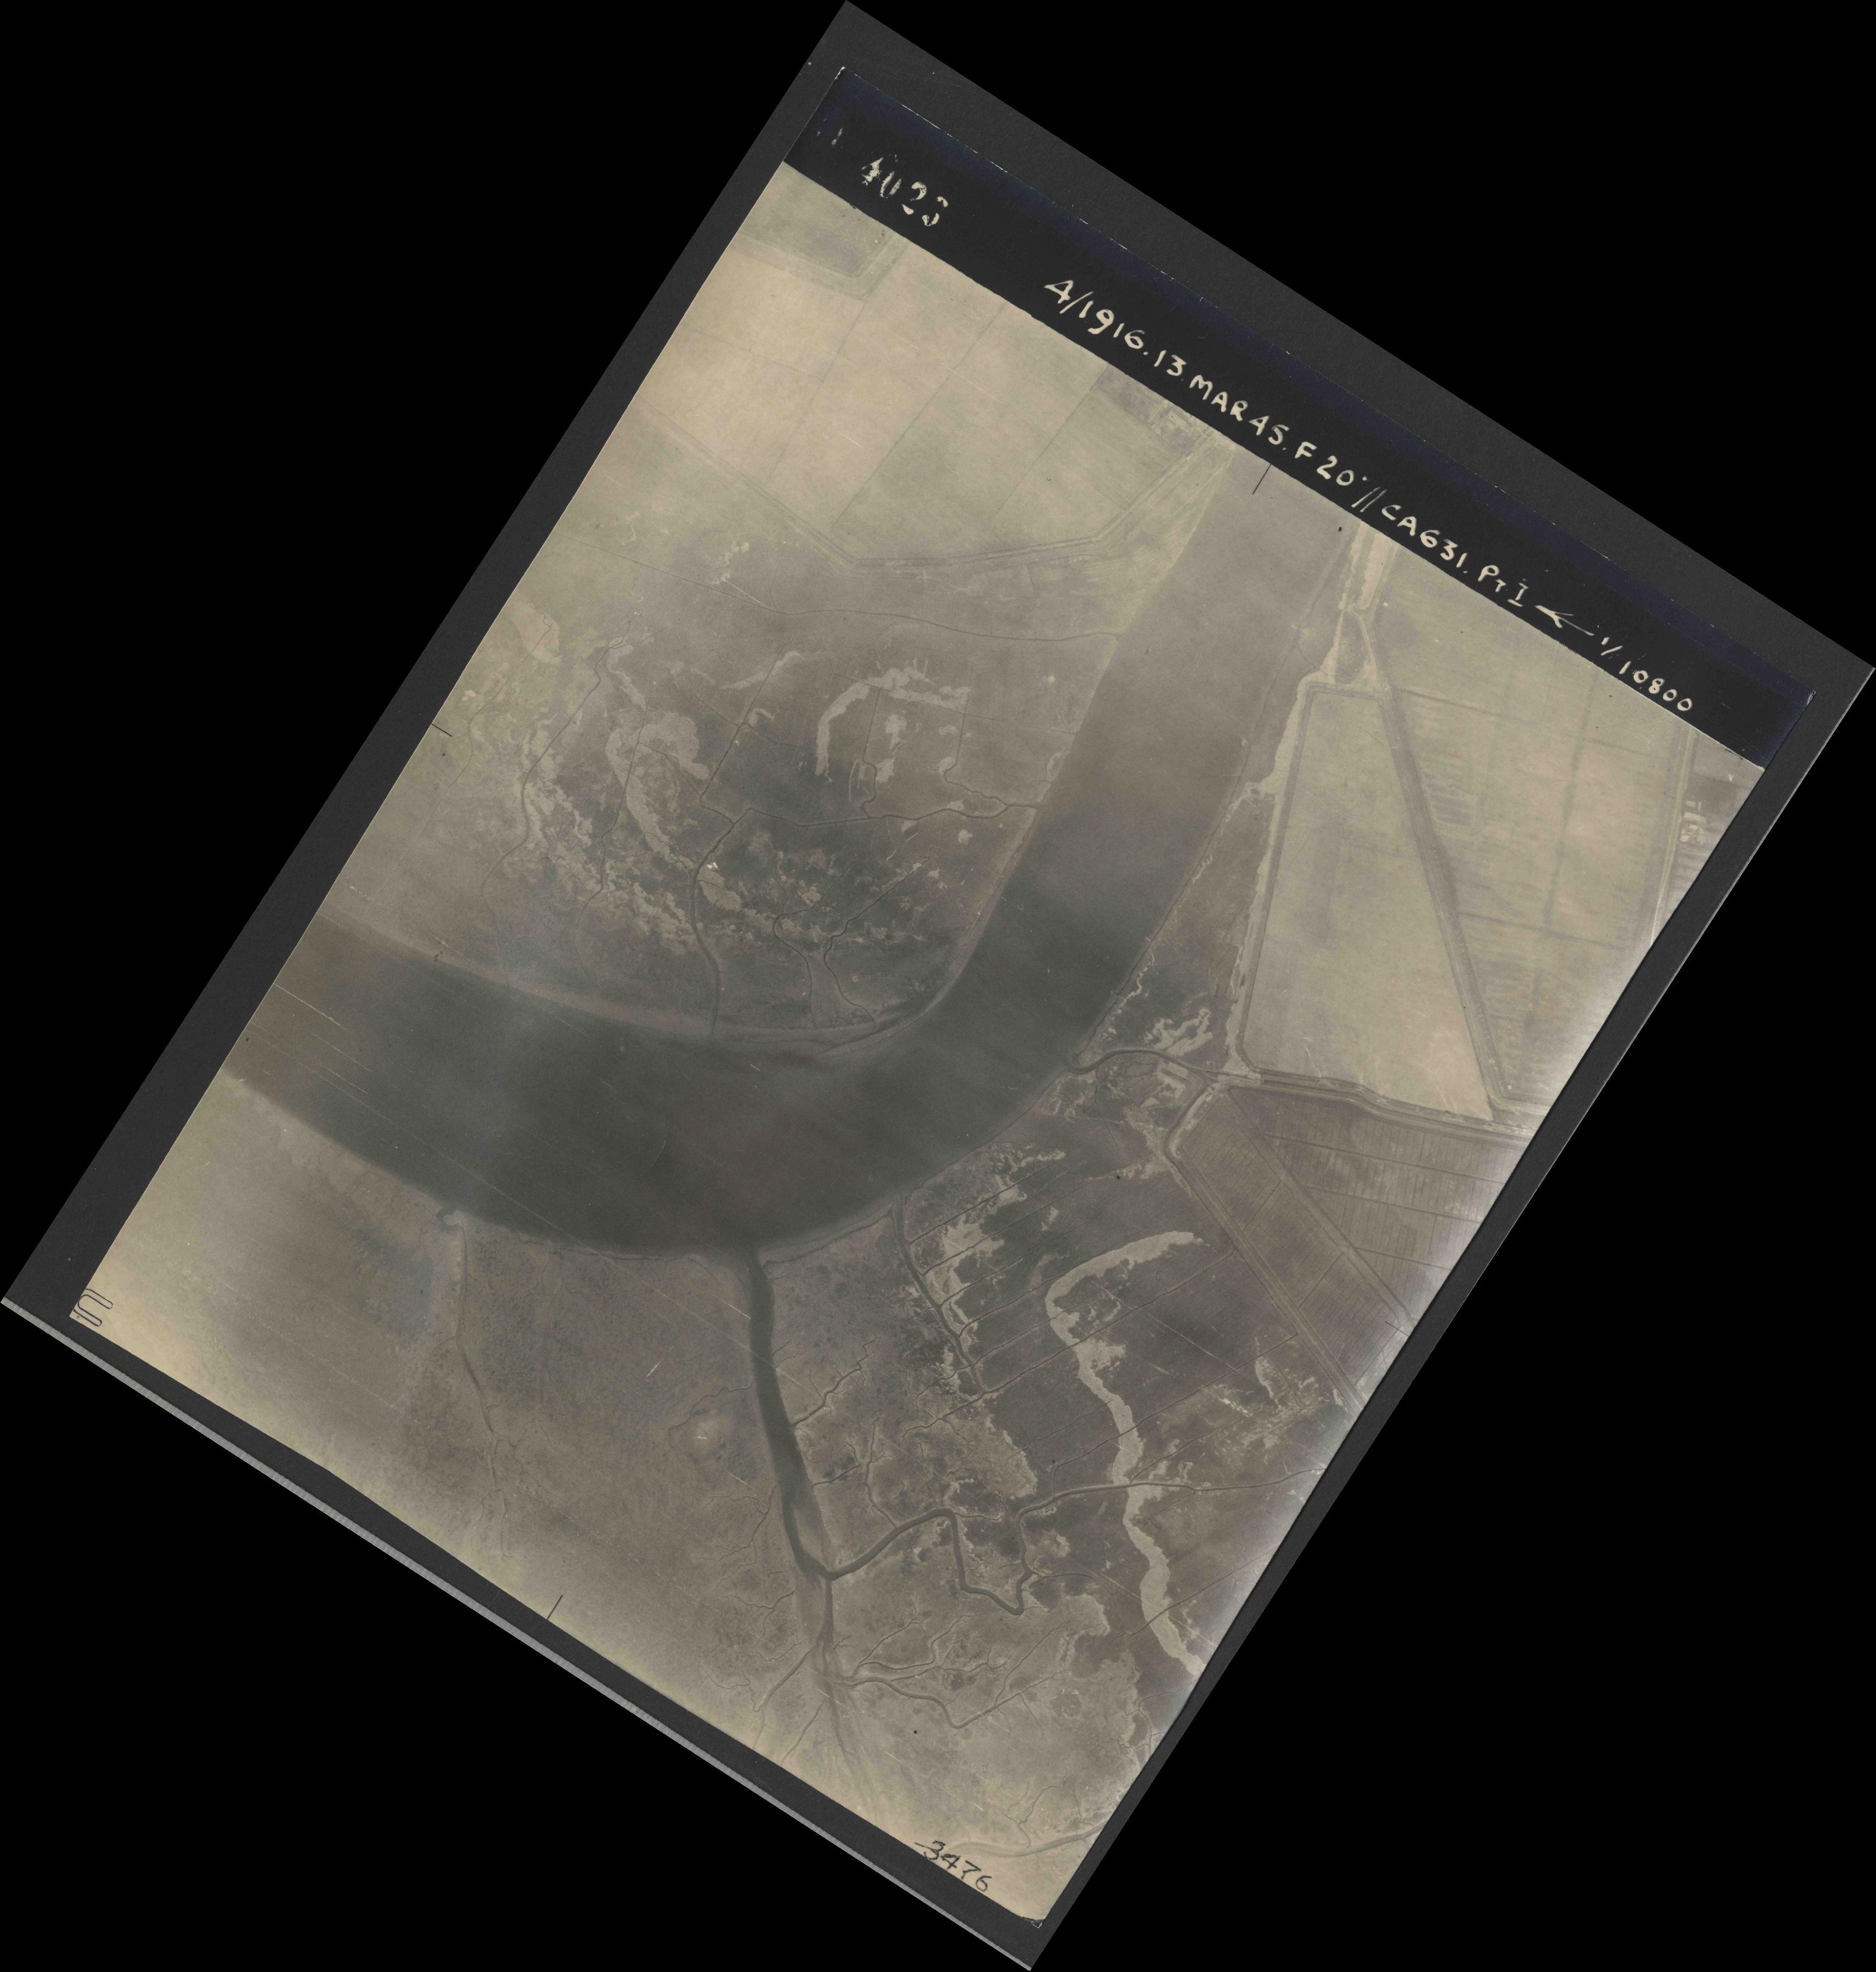 Collection RAF aerial photos 1940-1945 - flight 085, run 03, photo 4023